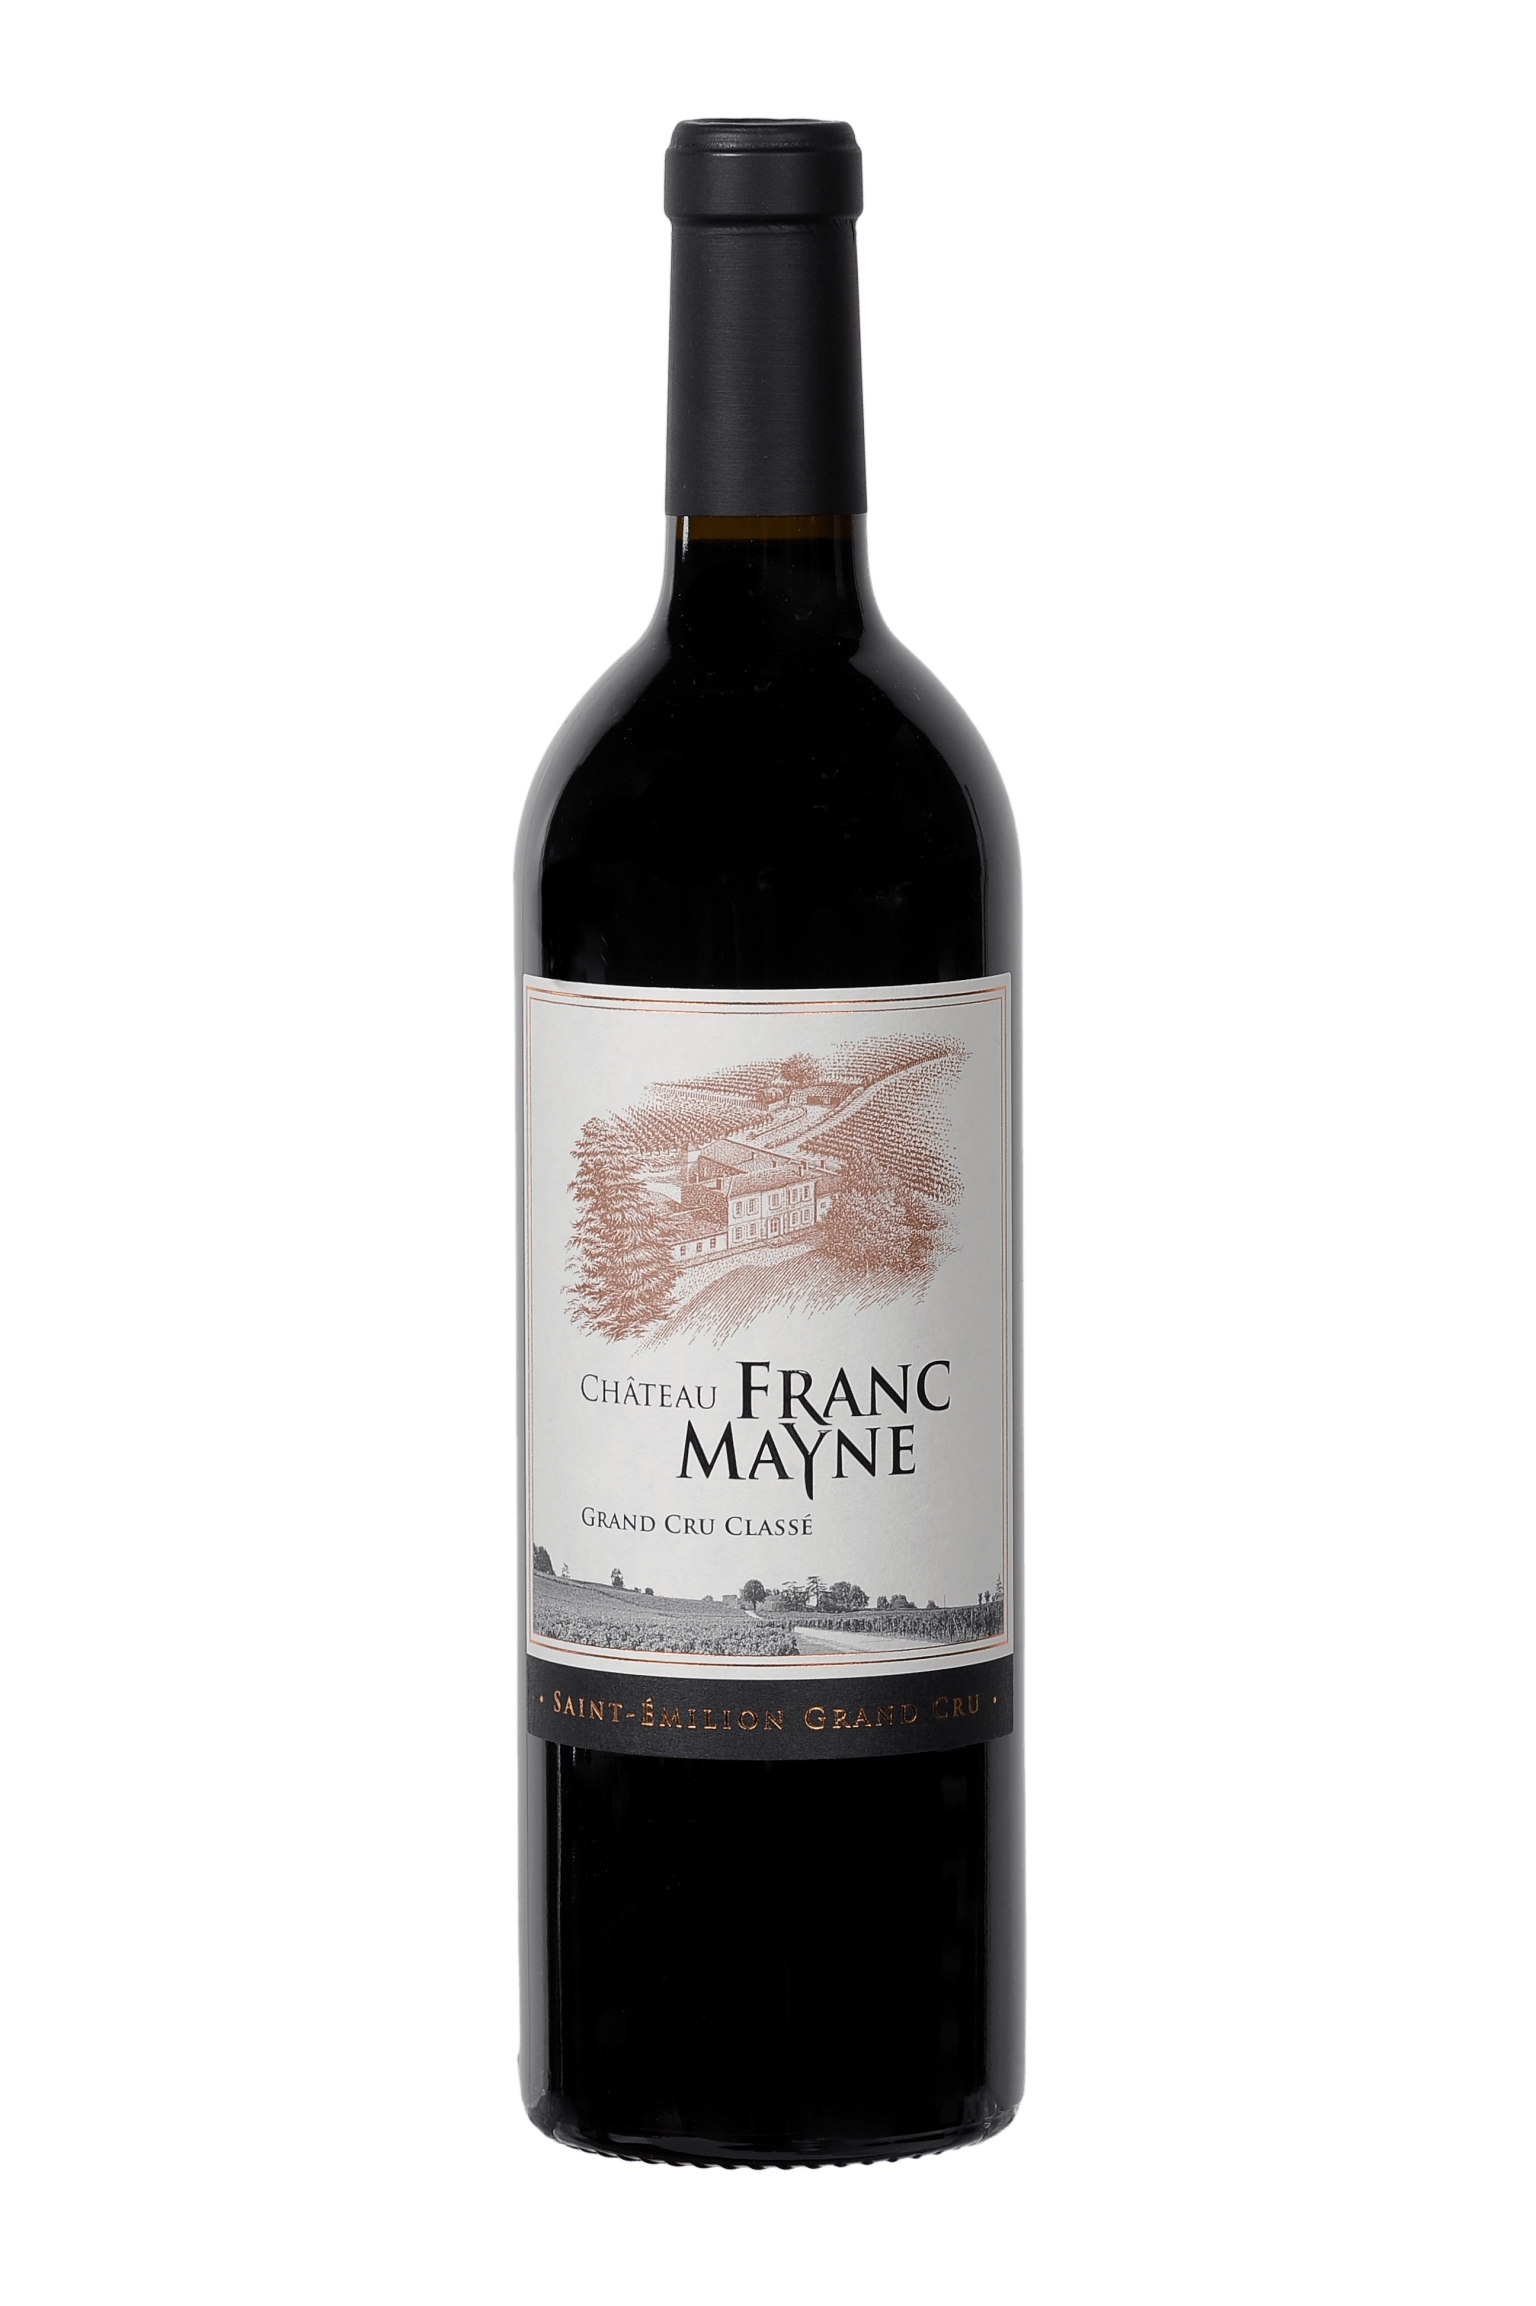 Château Franc Mayne 2014 - Grand cru classé Saint-Emilion - Château Franc Mayne